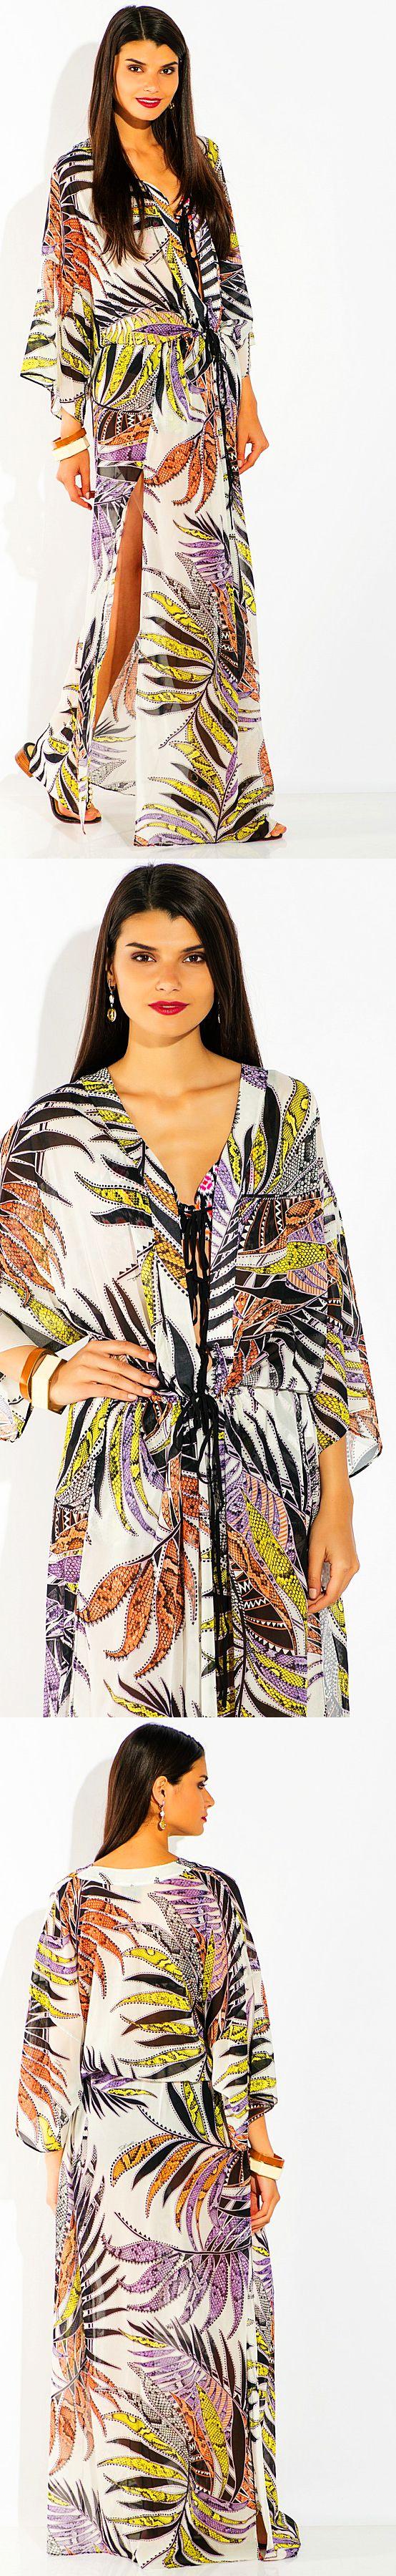 Платье, Just Cavalli #платье #платья #модныеплатья #лето #офисные #летние #вечерние #накаждыйдень #нарядные #выпускные